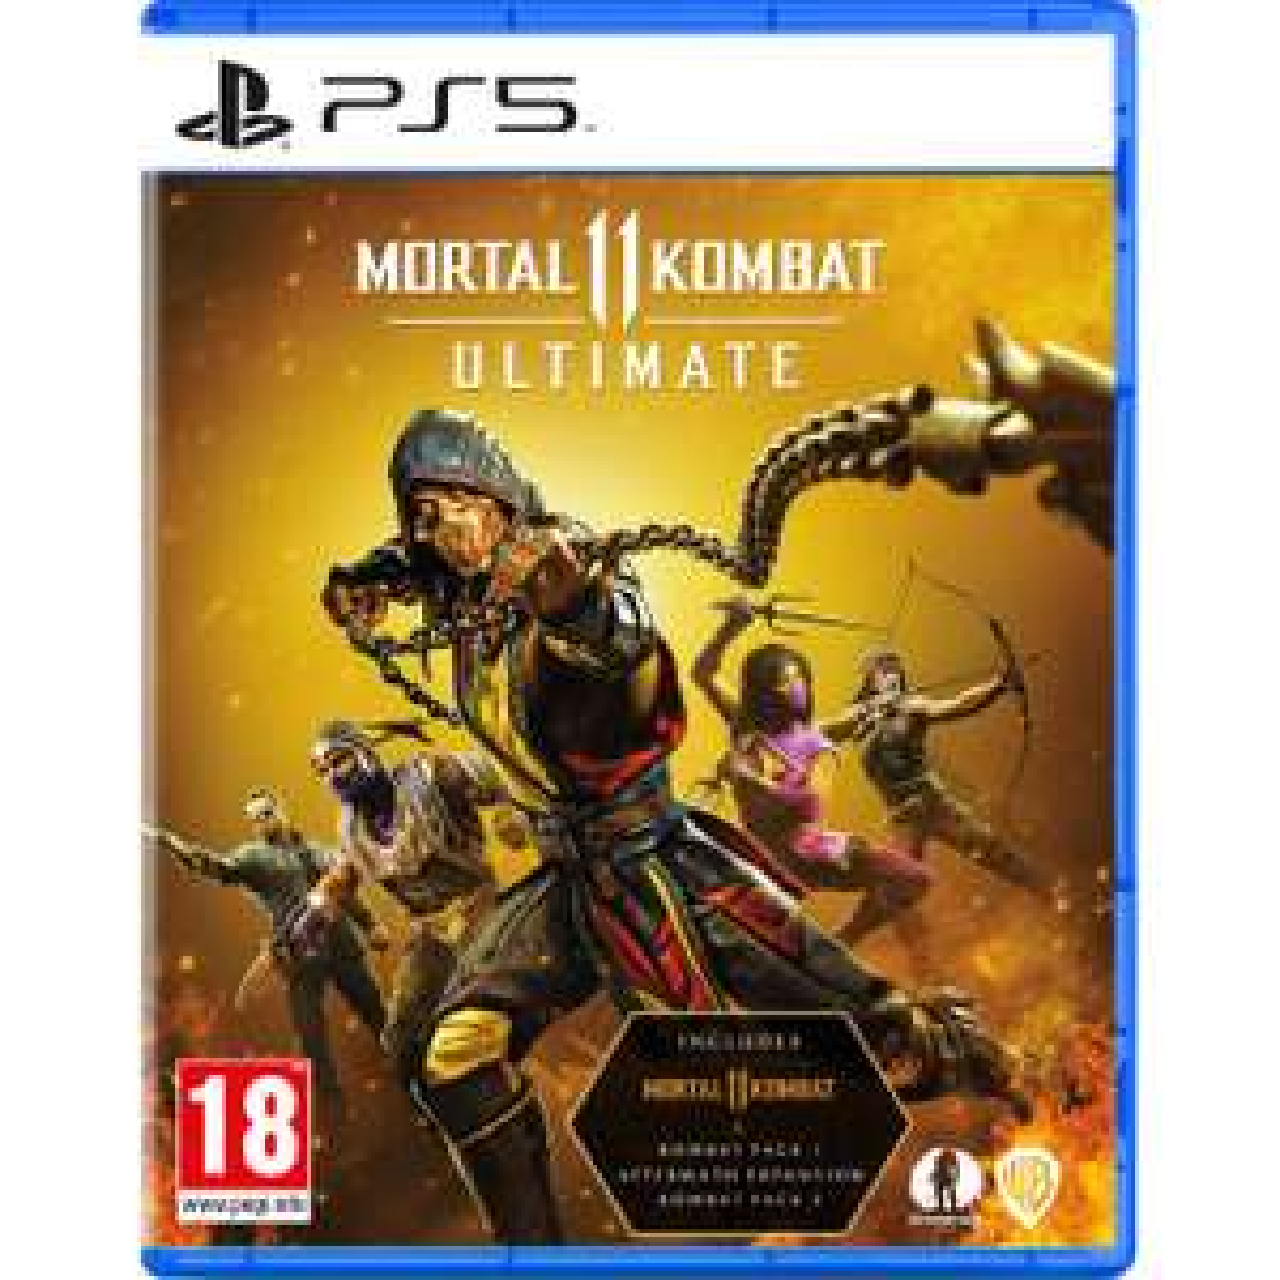 Mortal Kombat 11 Ultimate PS5 - £24 delivered (UK Mainland) @ AO